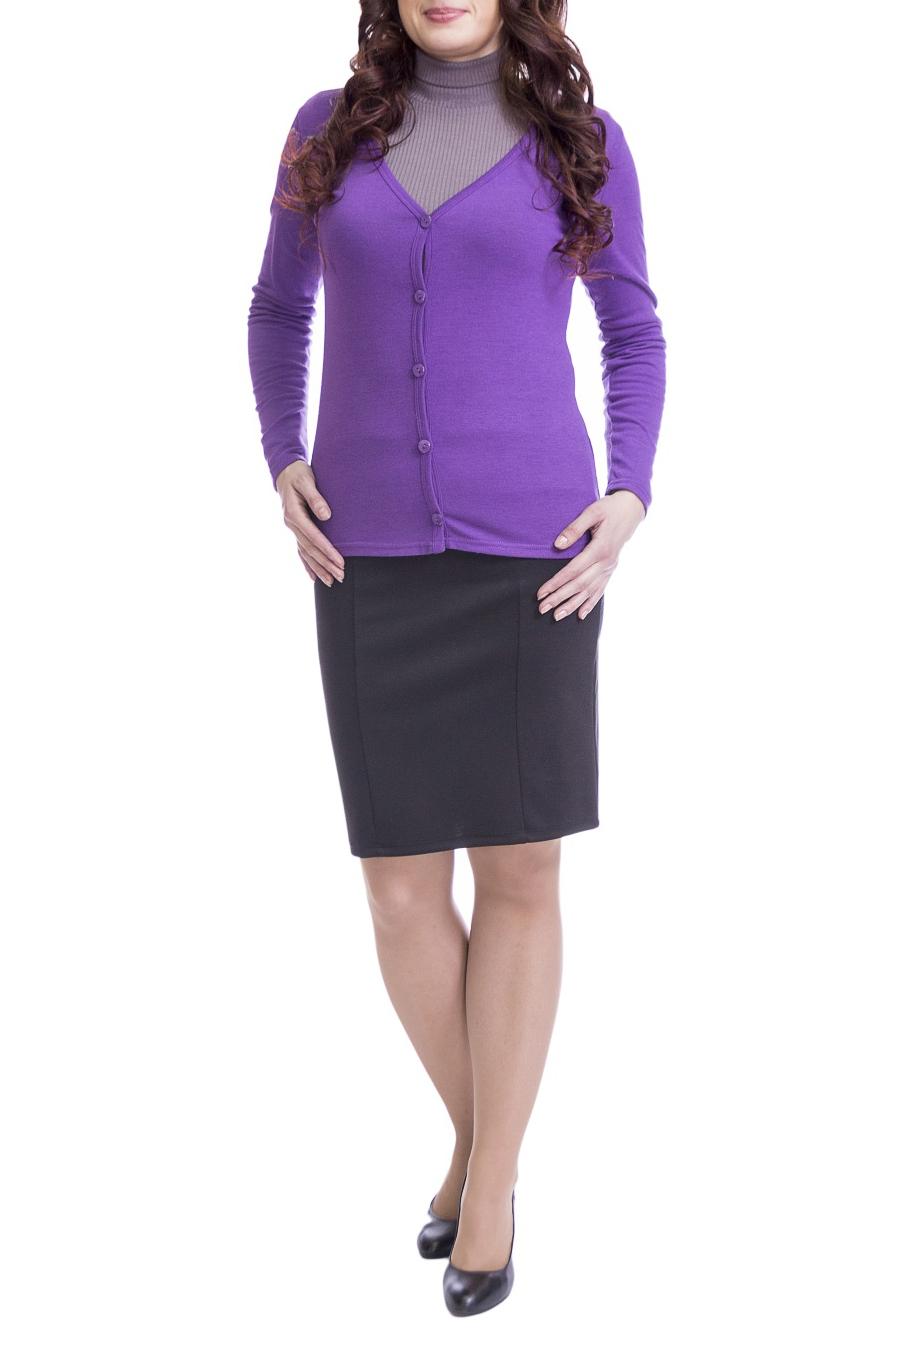 КардиганКардиганы<br>Однотонный кардиган с длинными рукавами и застежкой на пуговицы. Модель выполнена из мягкой вискозы. Отличный выбор для повседневного и делового гардероба.  Цвет: фиолетовый  Рост девушки-фотомодели 170 см.<br><br>Горловина: V- горловина<br>Застежка: С пуговицами<br>По длине: Короткие<br>По материалу: Вискоза,Трикотаж<br>По образу: Город,Офис<br>По рисунку: Однотонные<br>По стилю: Классический стиль,Офисный стиль,Повседневный стиль<br>Рукав: Длинный рукав<br>По сезону: Осень,Весна<br>Размер : 44,46,48,50,52<br>Материал: Вискоза<br>Количество в наличии: 10